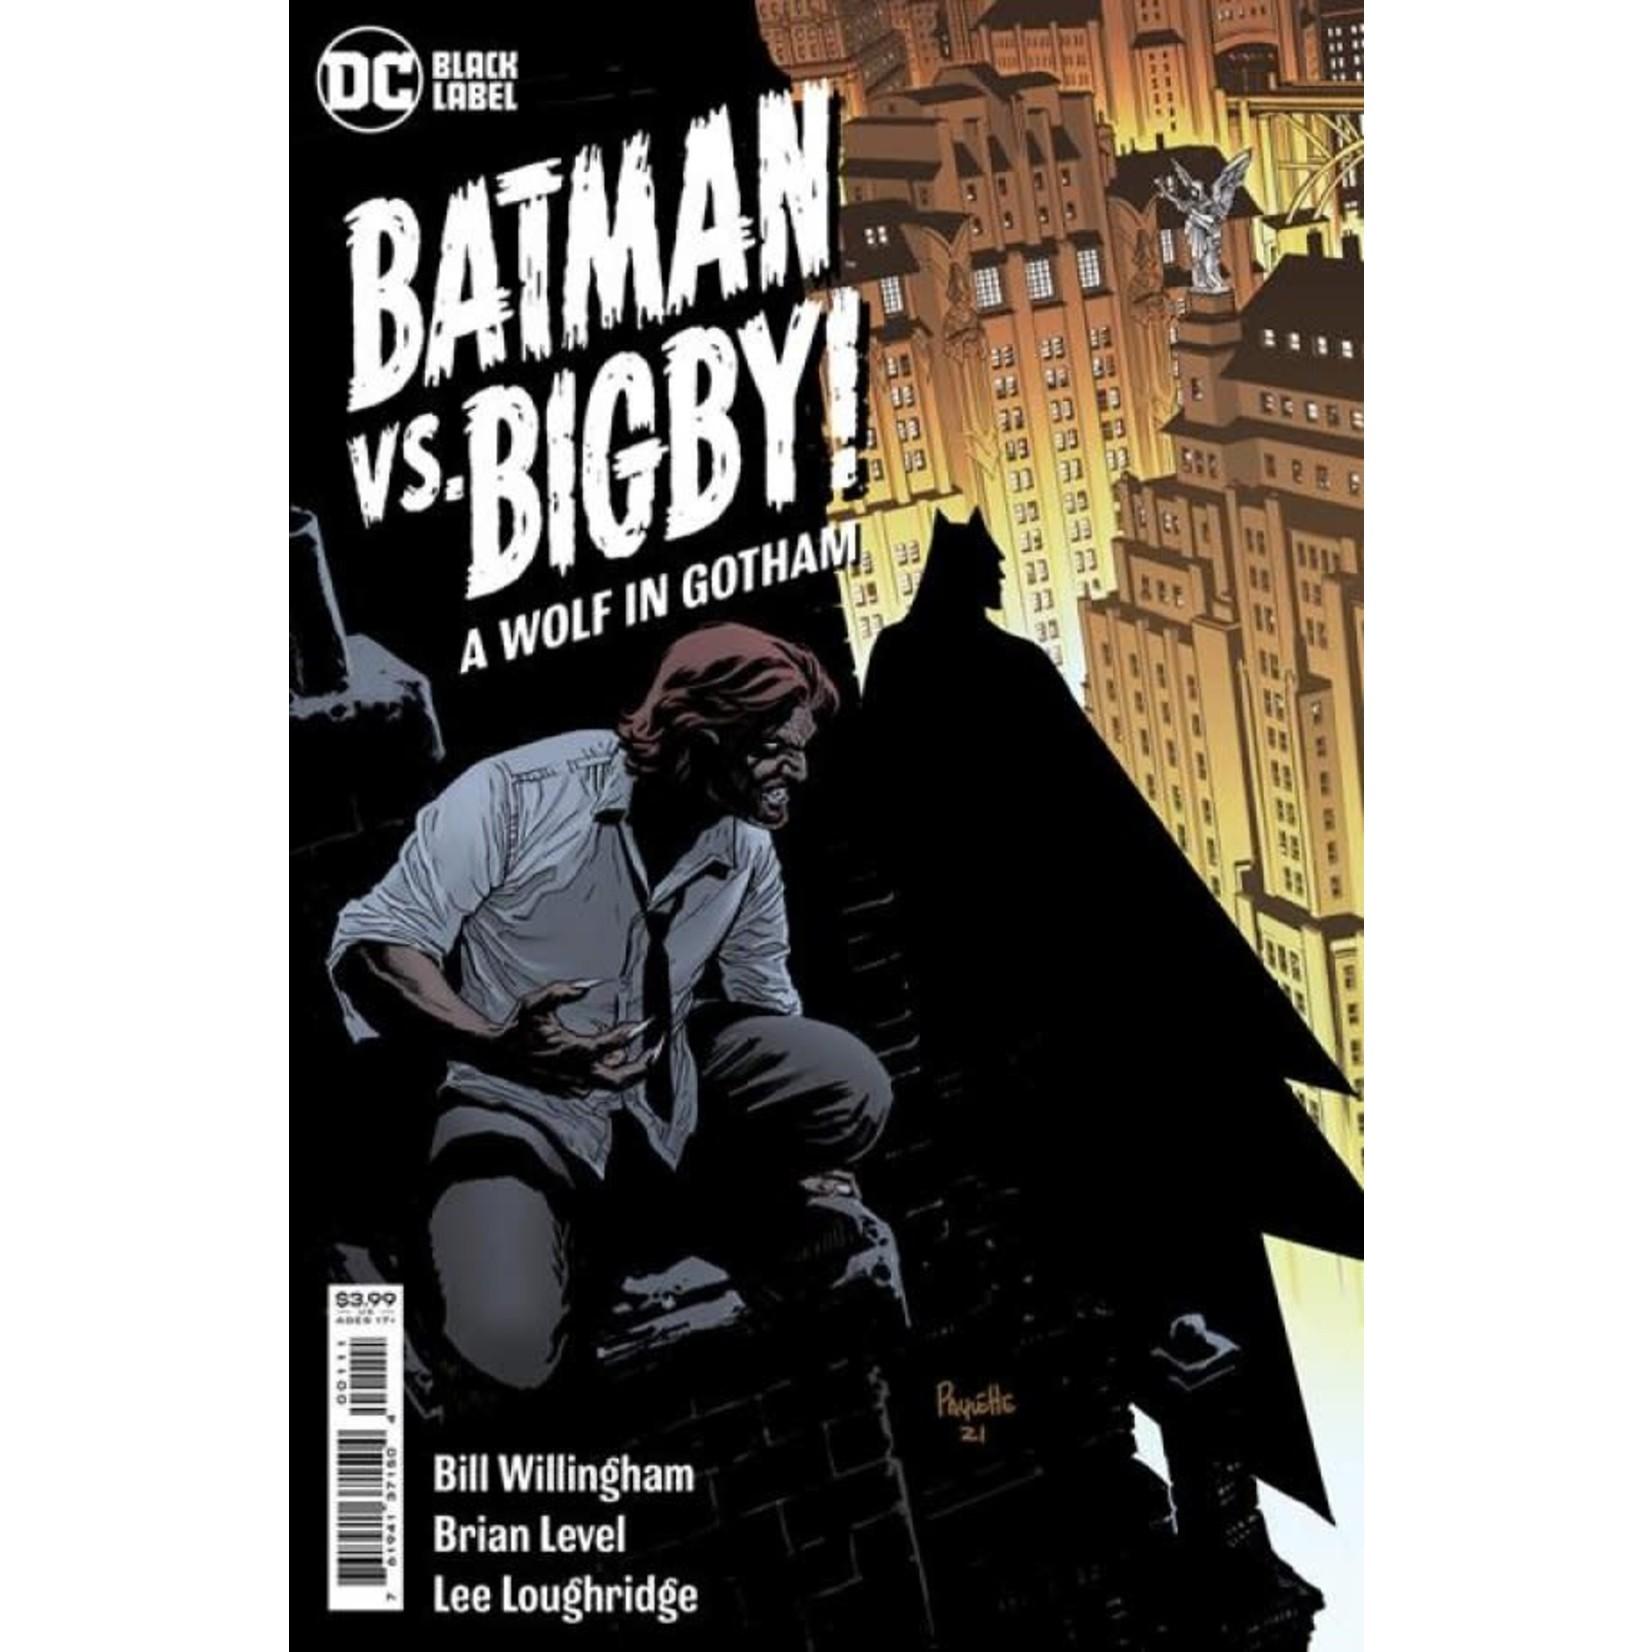 DC Comics Batman vs. Bigby! A Wolf in Gotham #1